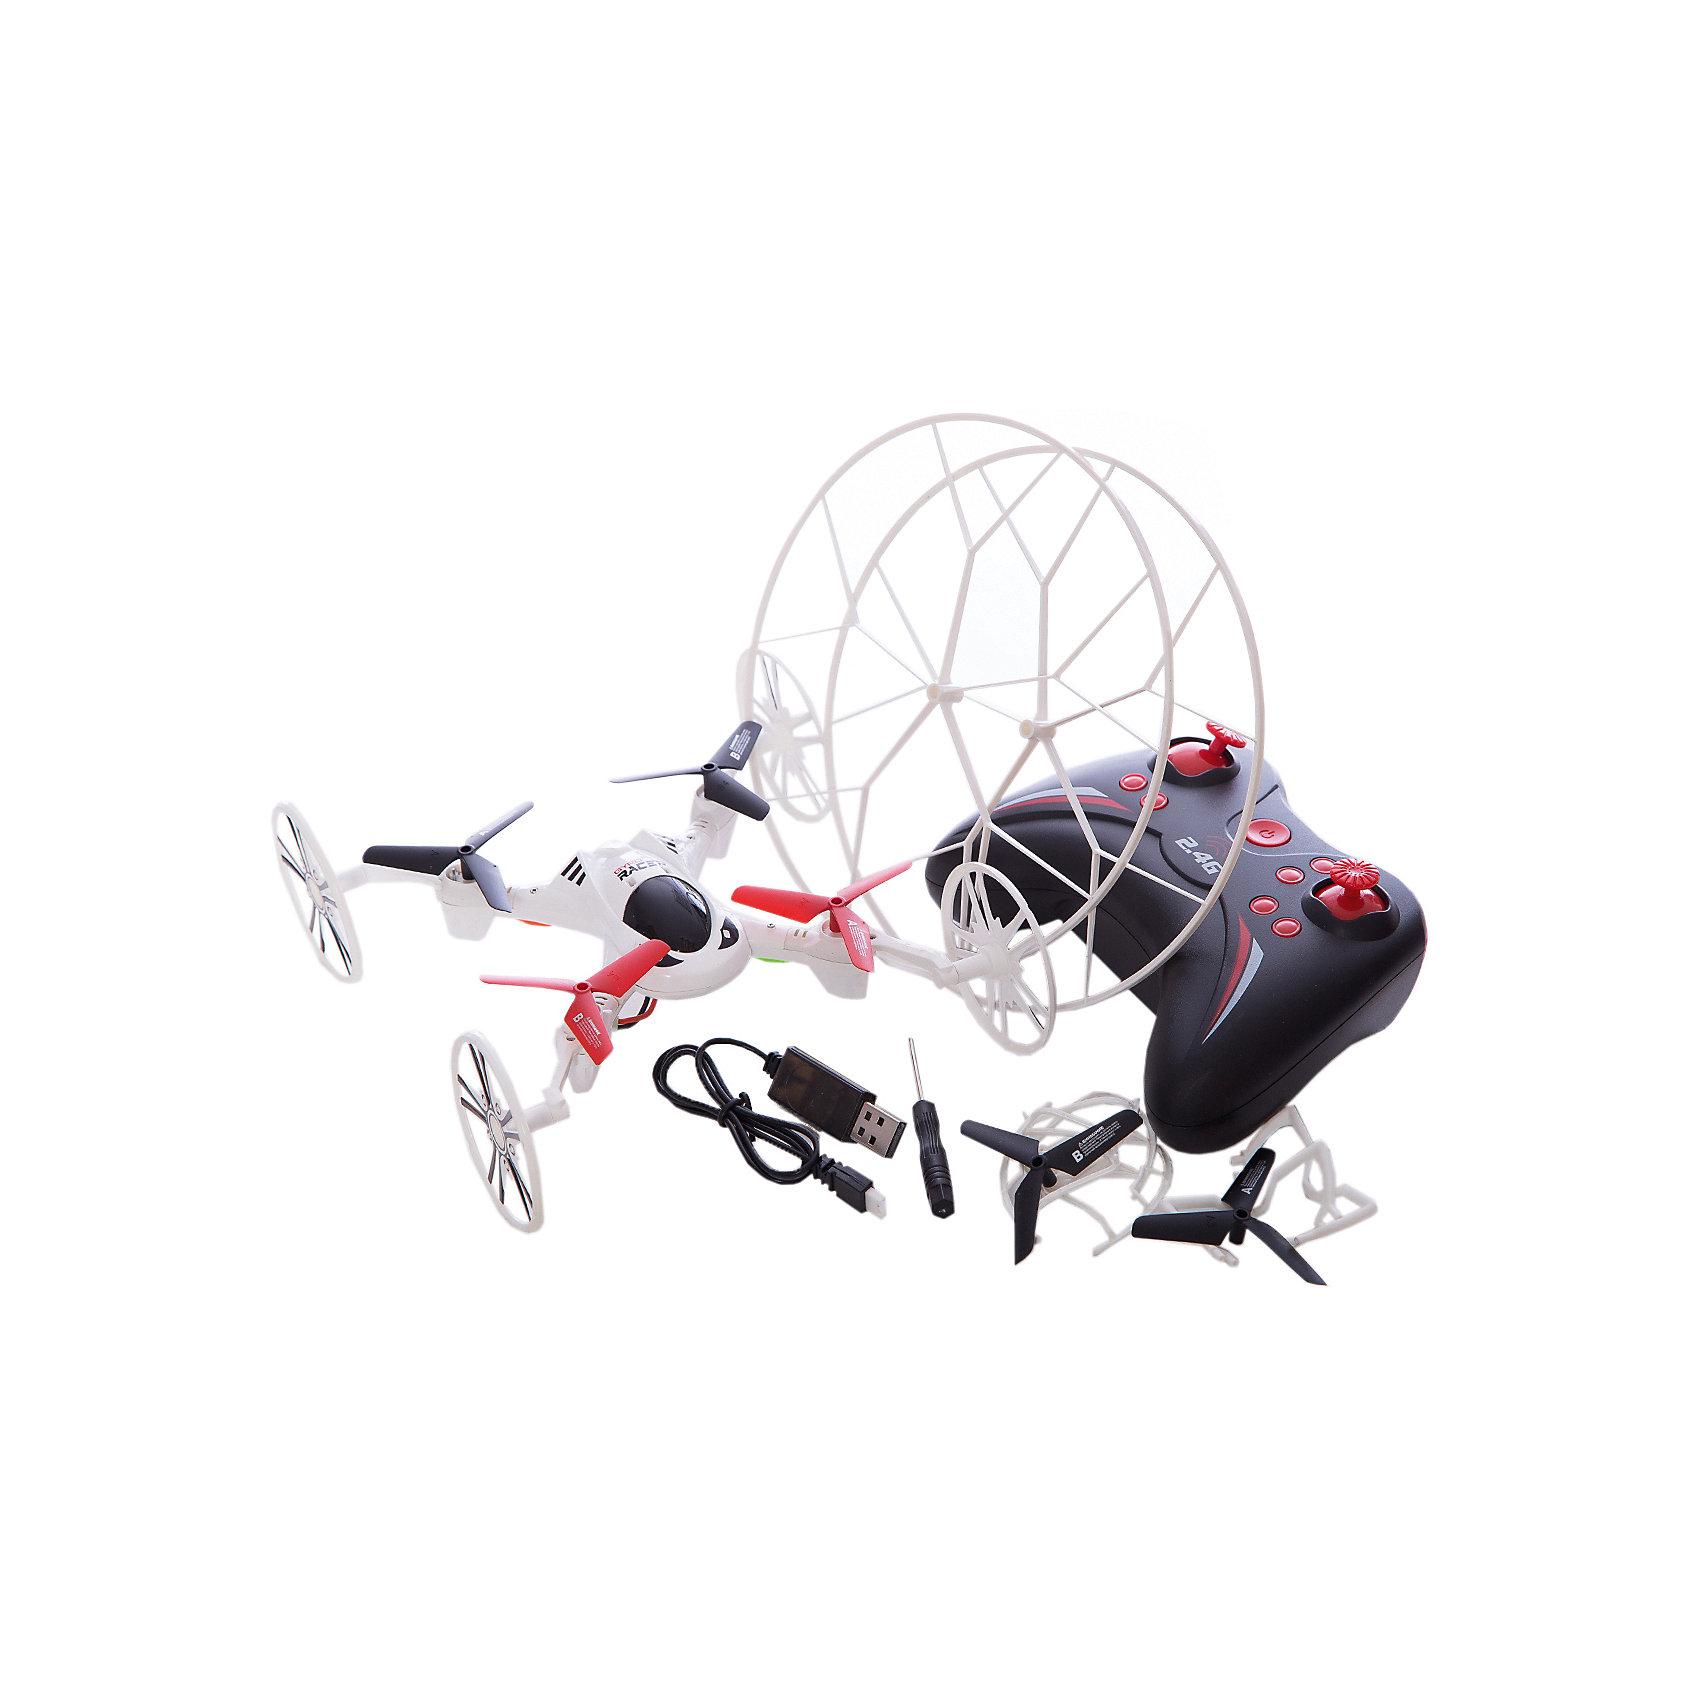 Квадрокоптер 2-в-1 GYRO-Racer, 1toyРадиоуправляемый транспорт<br>Квадрокоптер размером 16*16см,<br>управляется на частоте 2,4GHz, <br>имеет два скоростных<br>режима, отлично летает как <br>дома, так и на улице.<br>В комплект входят запасные колёса, которые легко устанавливаются на корпус квадрокоптера, превращая его в модель, передвигающуюся по земле. <br>Также квадрокоптер имеет режим Автоматического возвращения в сторону пилота и Программируемый план полёта.<br><br>Ширина мм: 410<br>Глубина мм: 75<br>Высота мм: 270<br>Вес г: 611<br>Возраст от месяцев: 72<br>Возраст до месяцев: 192<br>Пол: Мужской<br>Возраст: Детский<br>SKU: 5423272